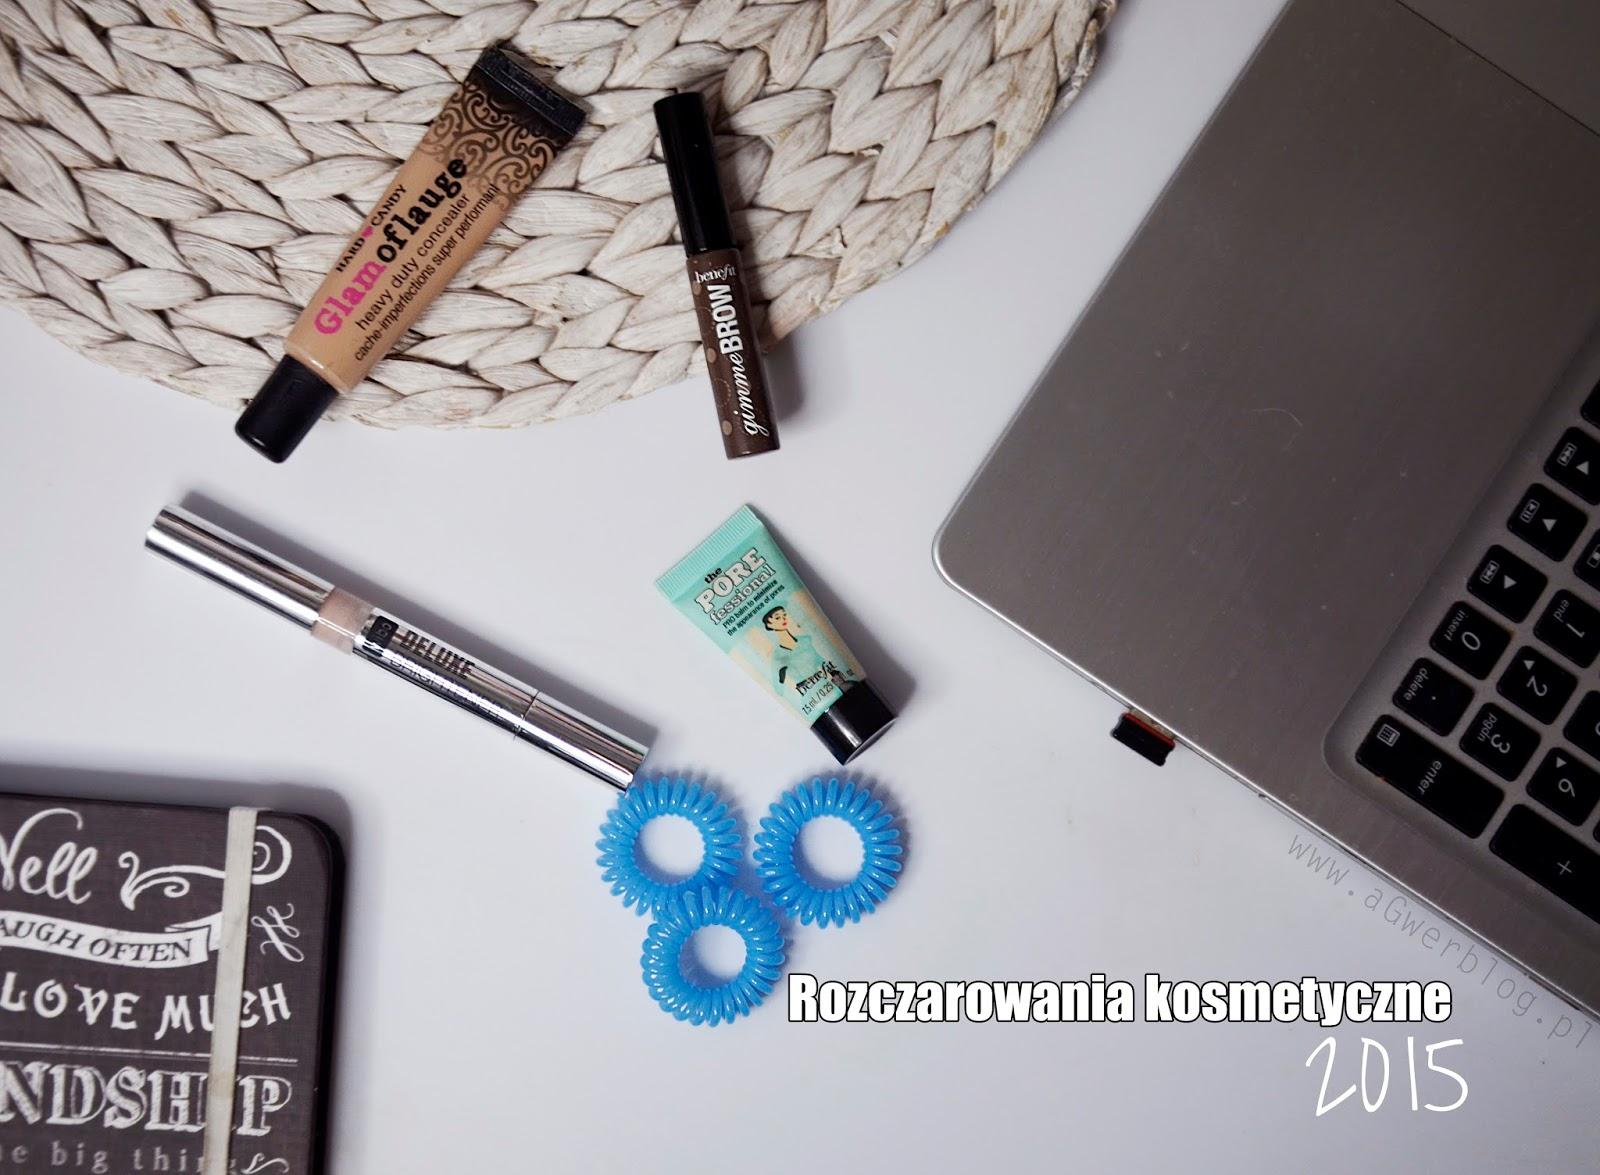 Rozczarowania kosmetyczne 2015